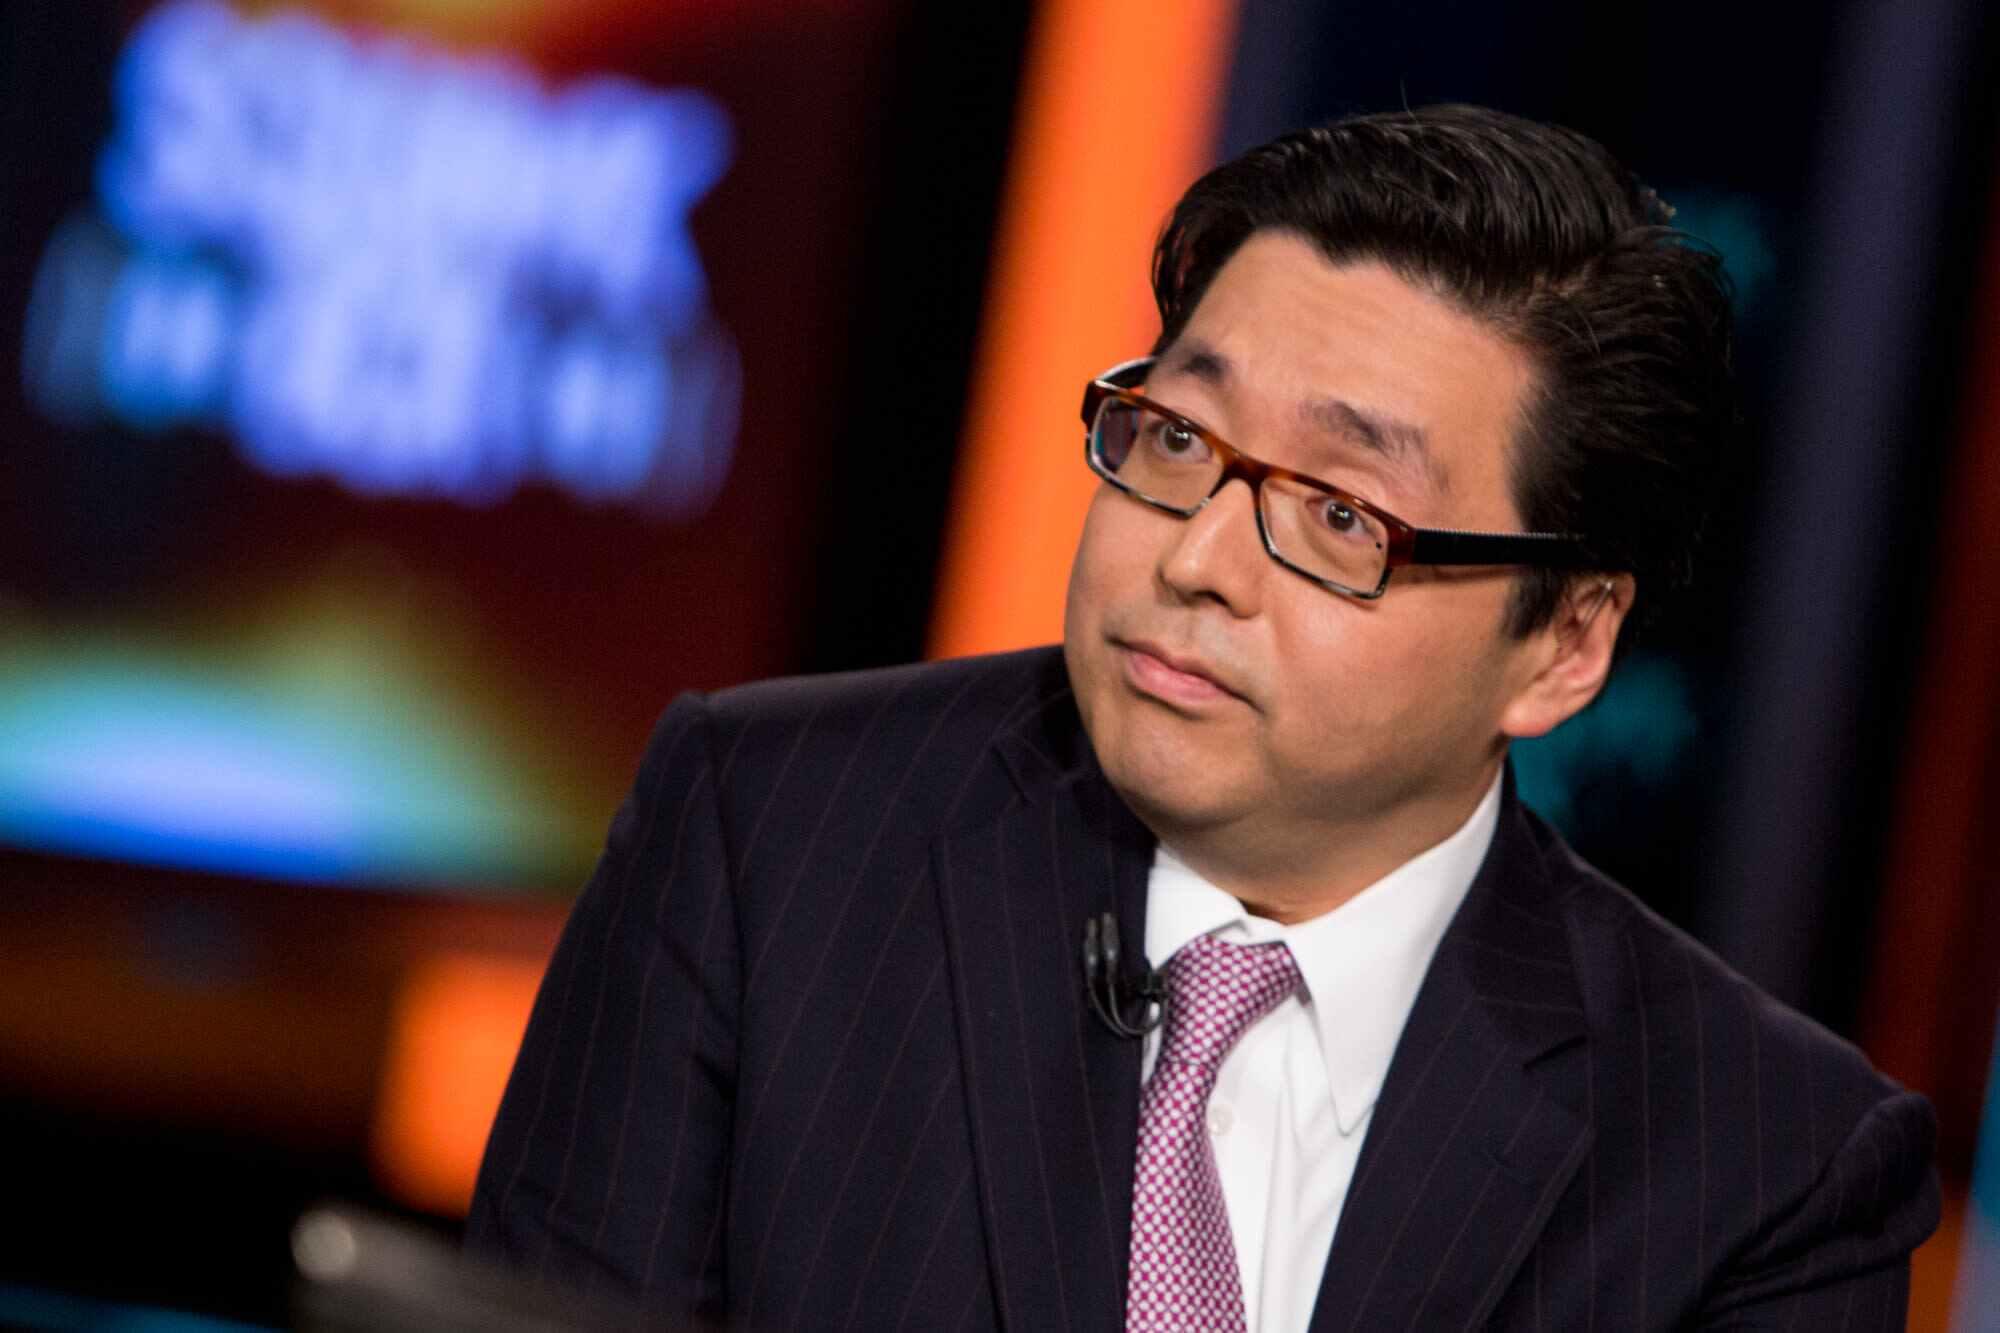 Tom Lee Bitcoin BTC Fiyatının Yüzde 200 Yükseleceğini Belirtti